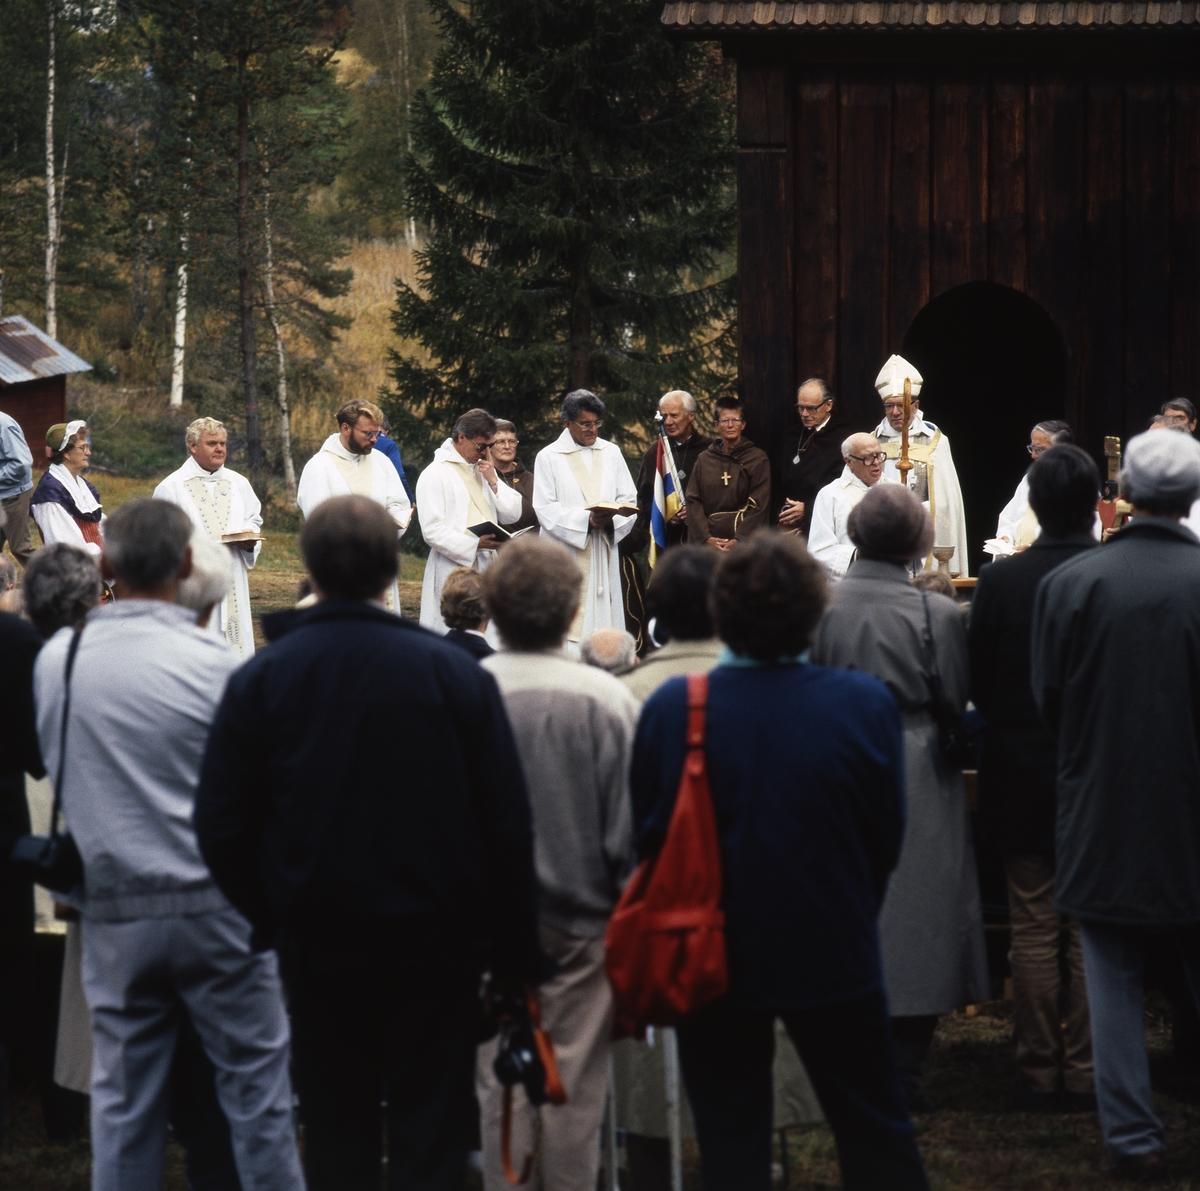 Invigning av St: Olofs Offerkyrka, tavkyrkan i Kårböle, 17 september 1989 av ärkebiskop Olof Sundby.